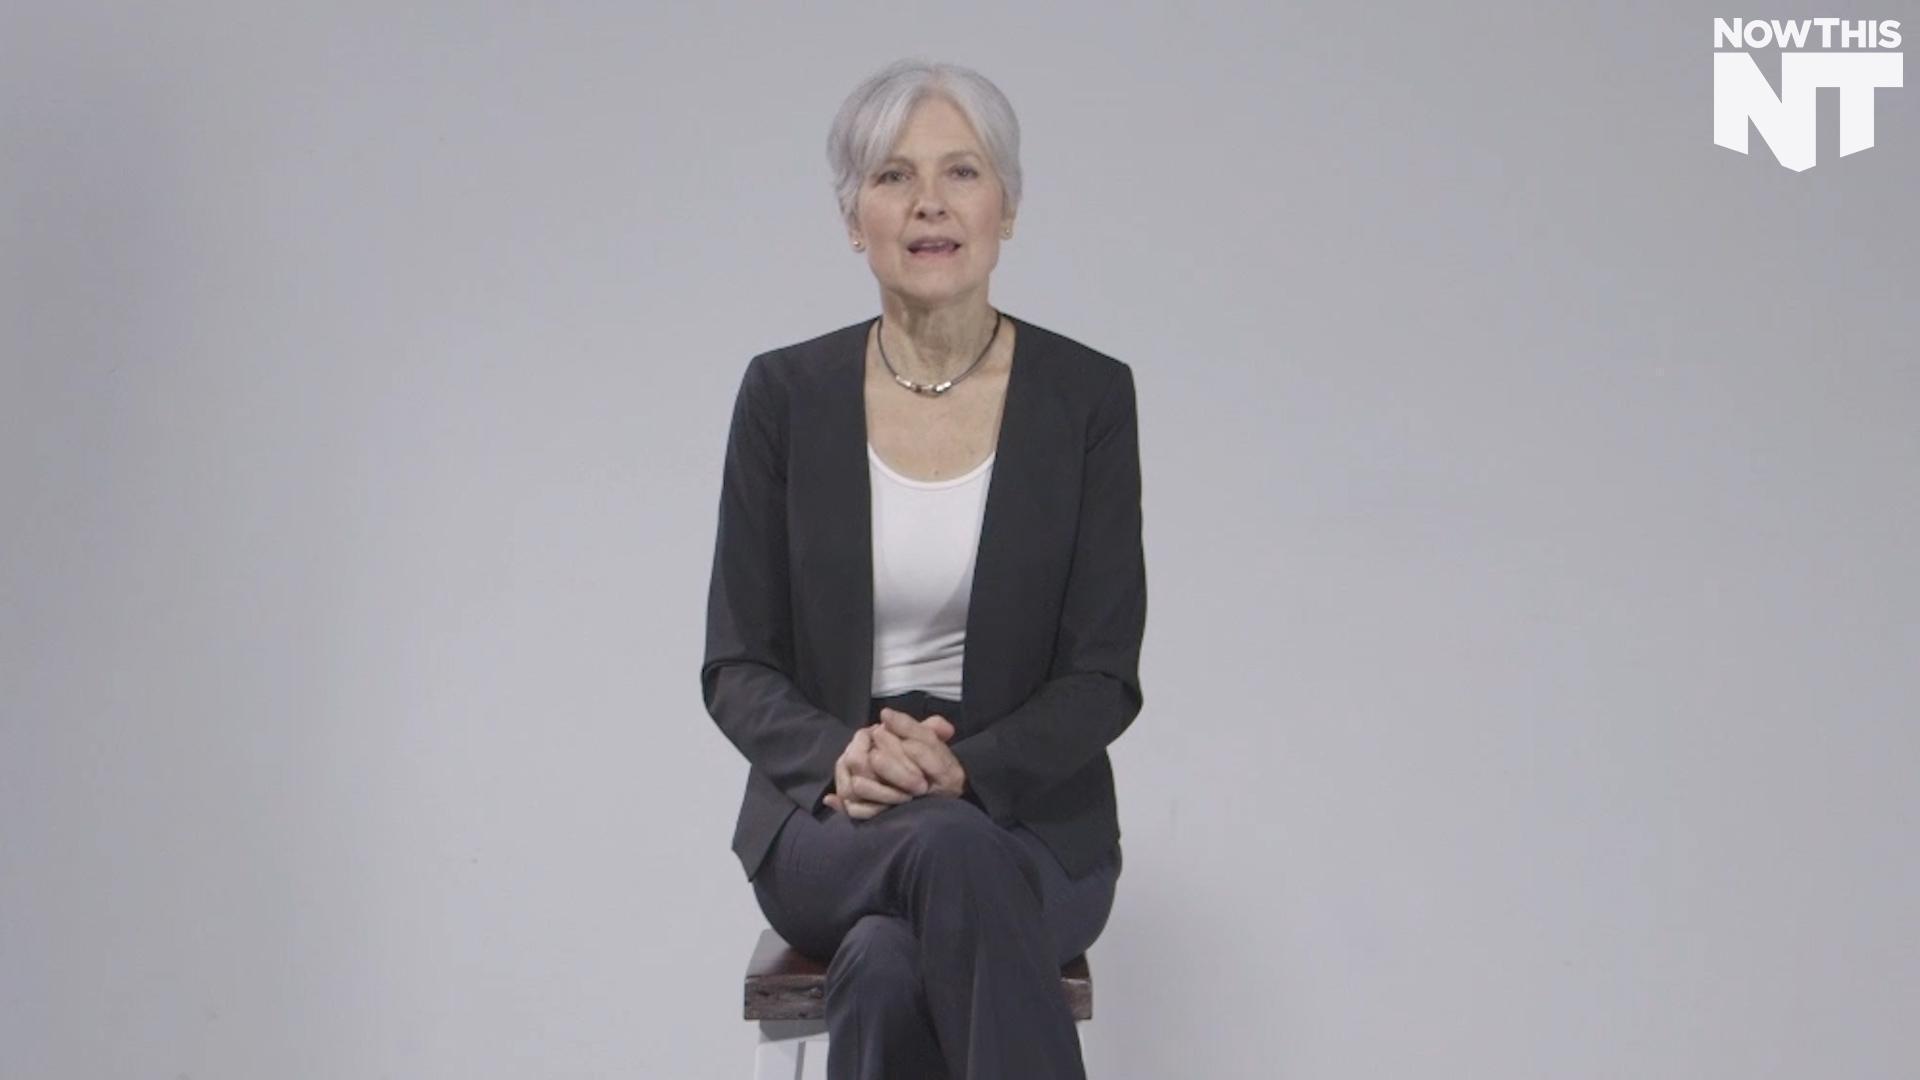 Hillary Clinton Isn't The Only Woman Running For President: Meet Jill Stein